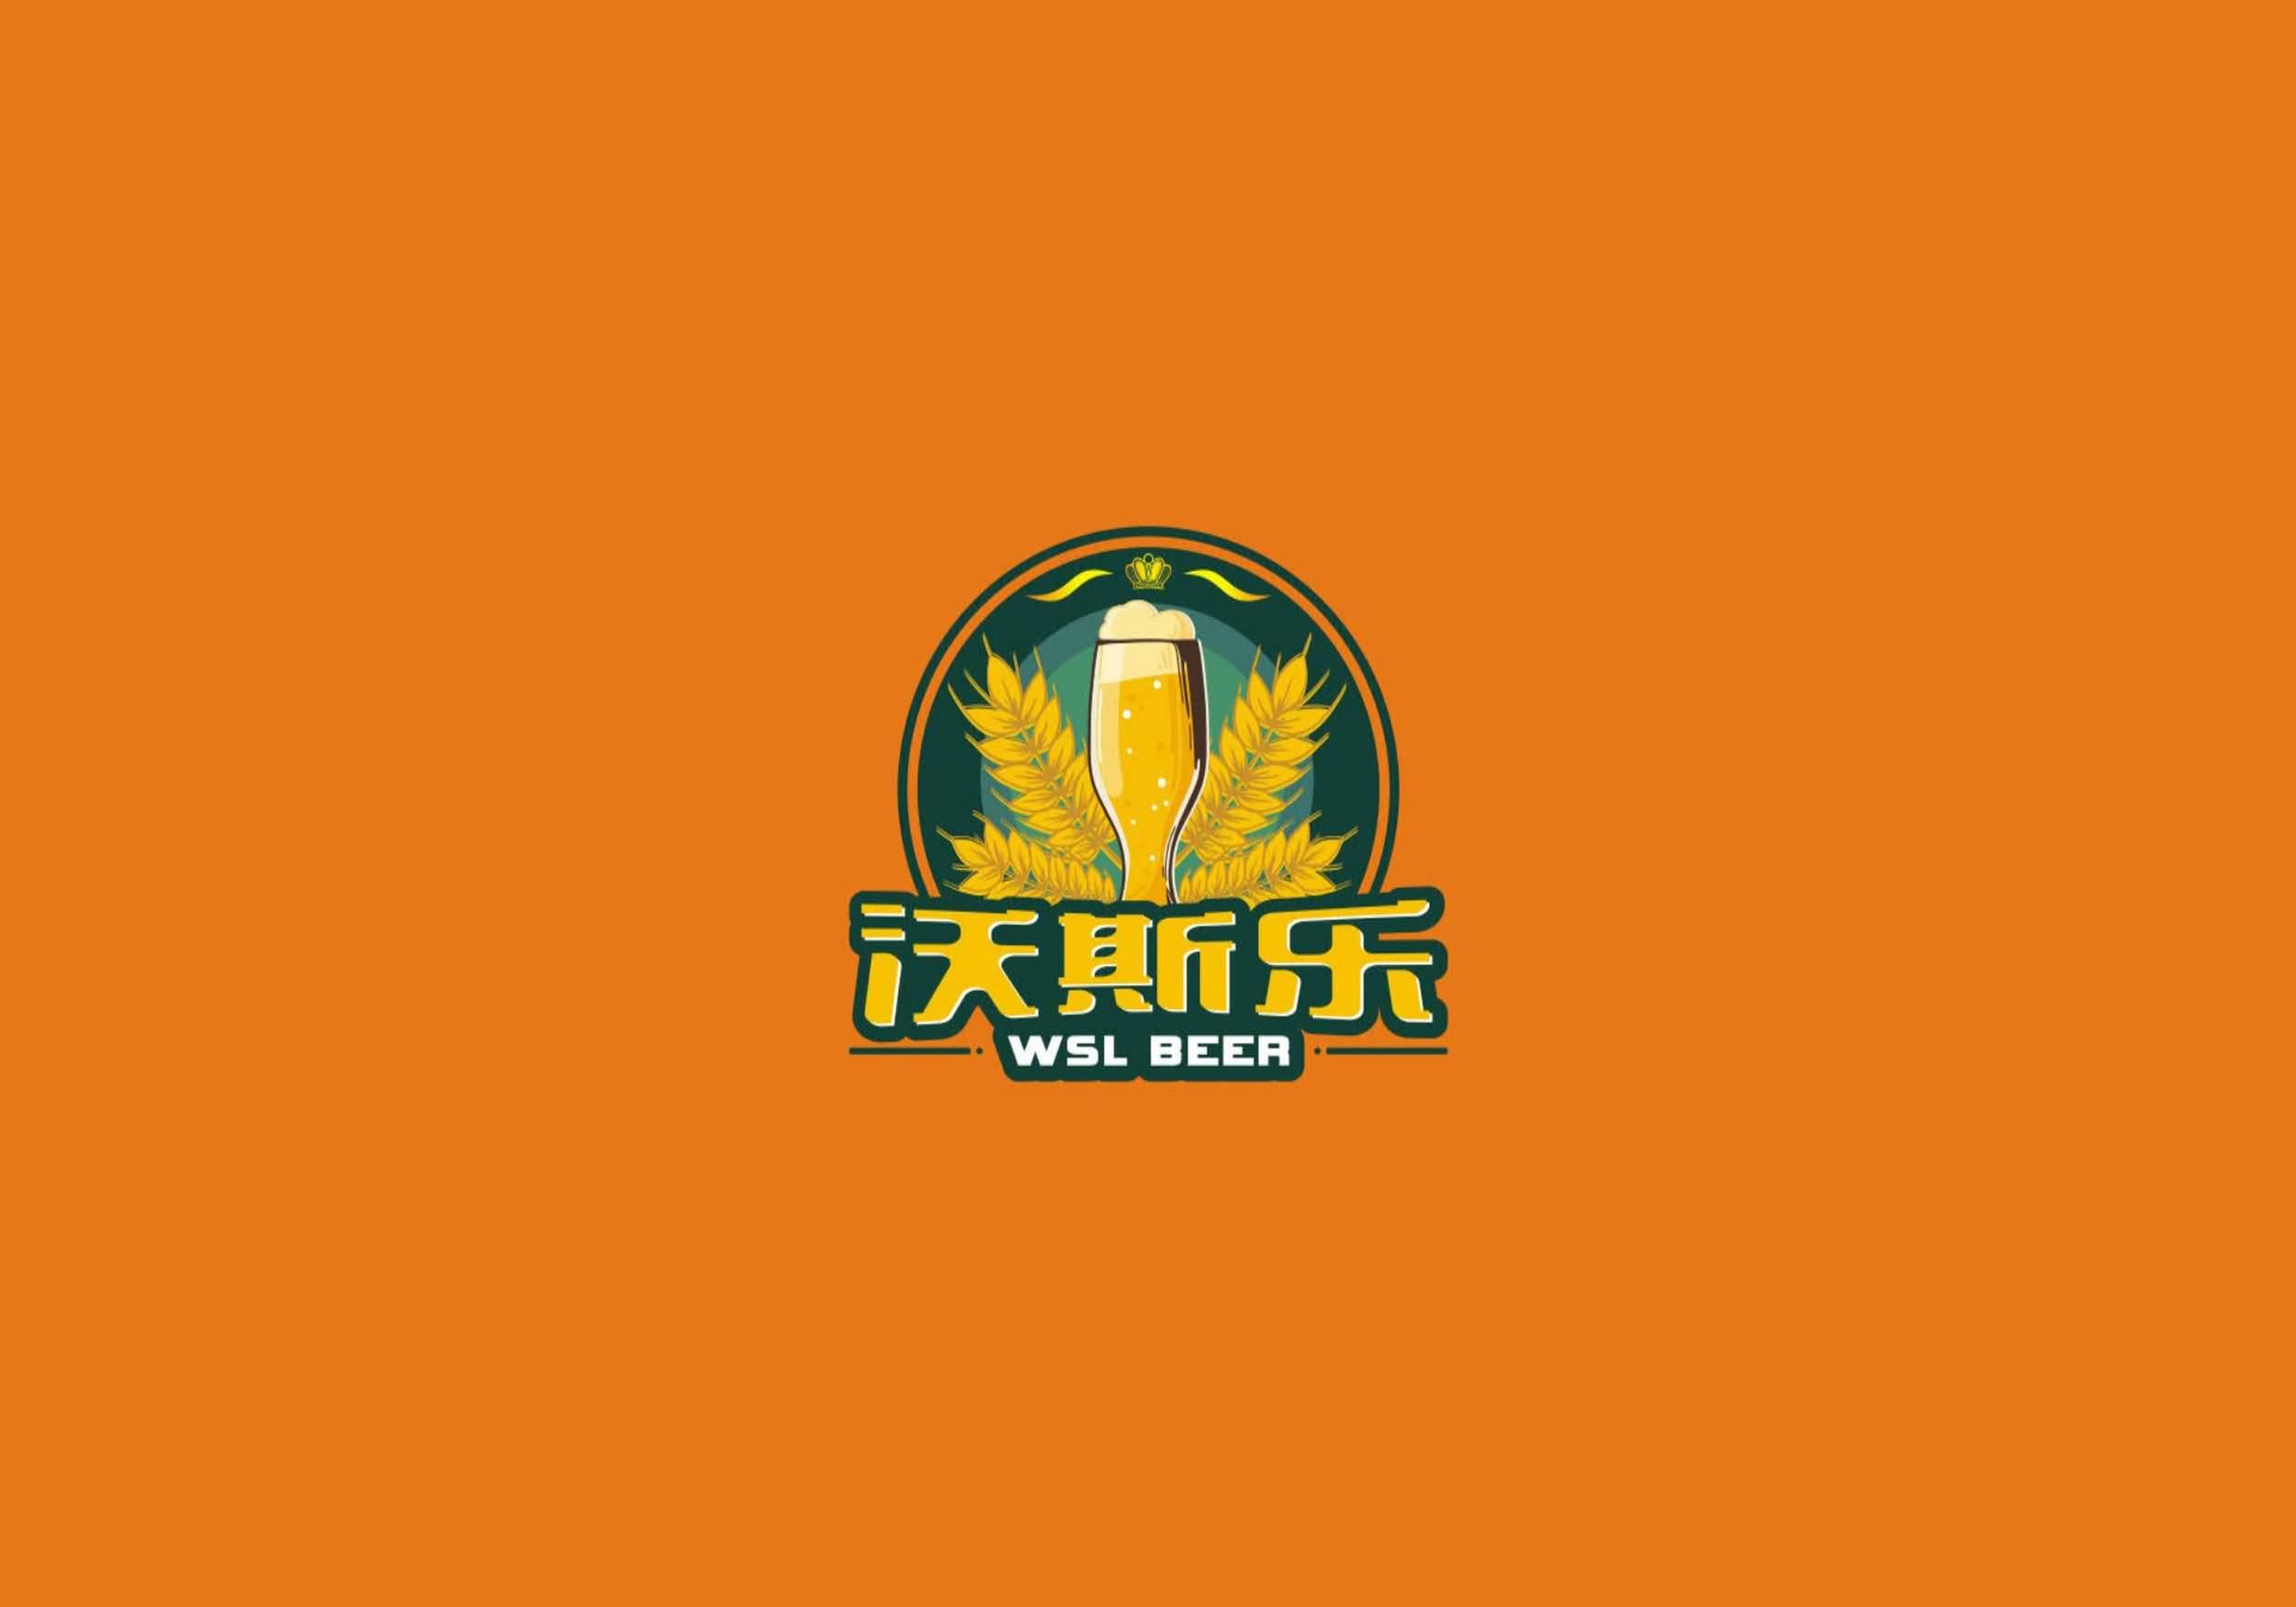 湖南沃斯乐啤酒有限公司4